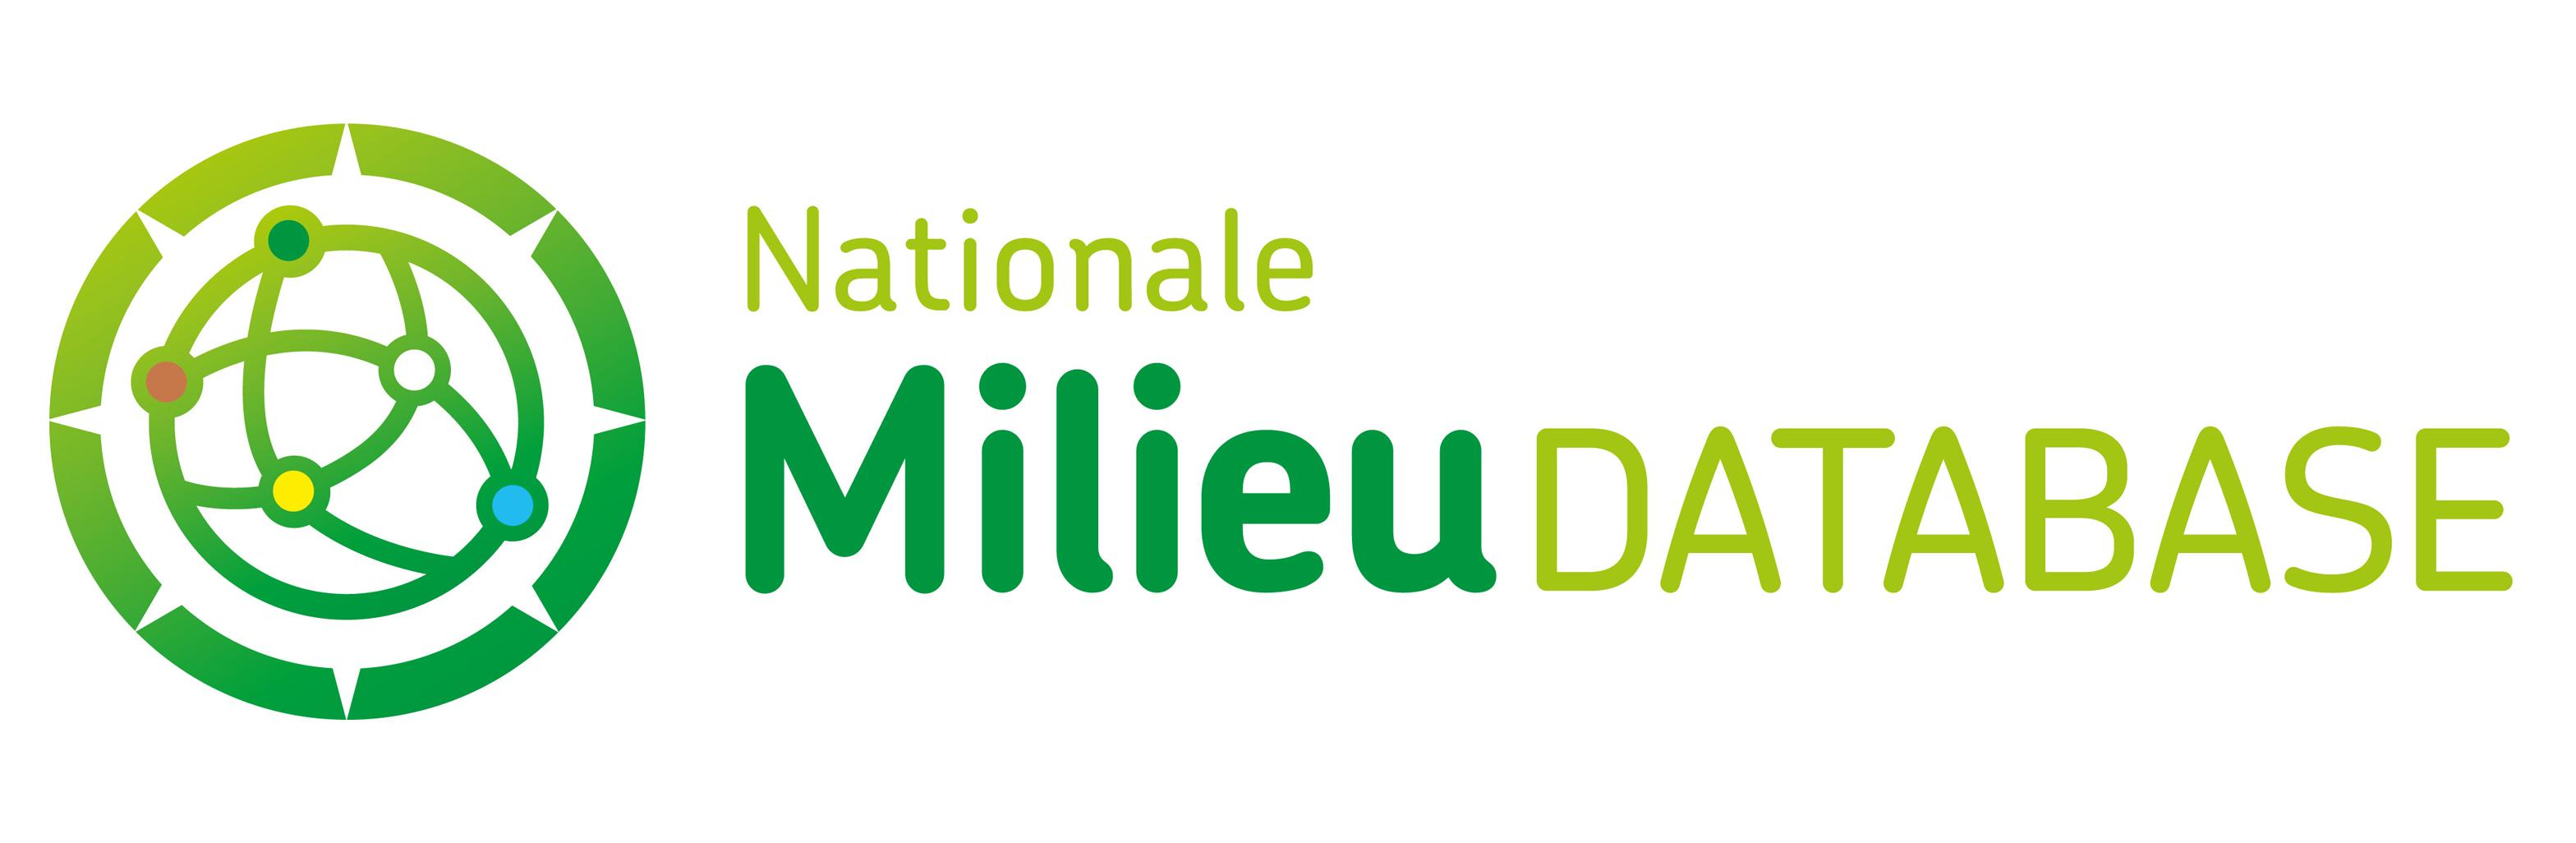 Milieudatabase_logo_web_2